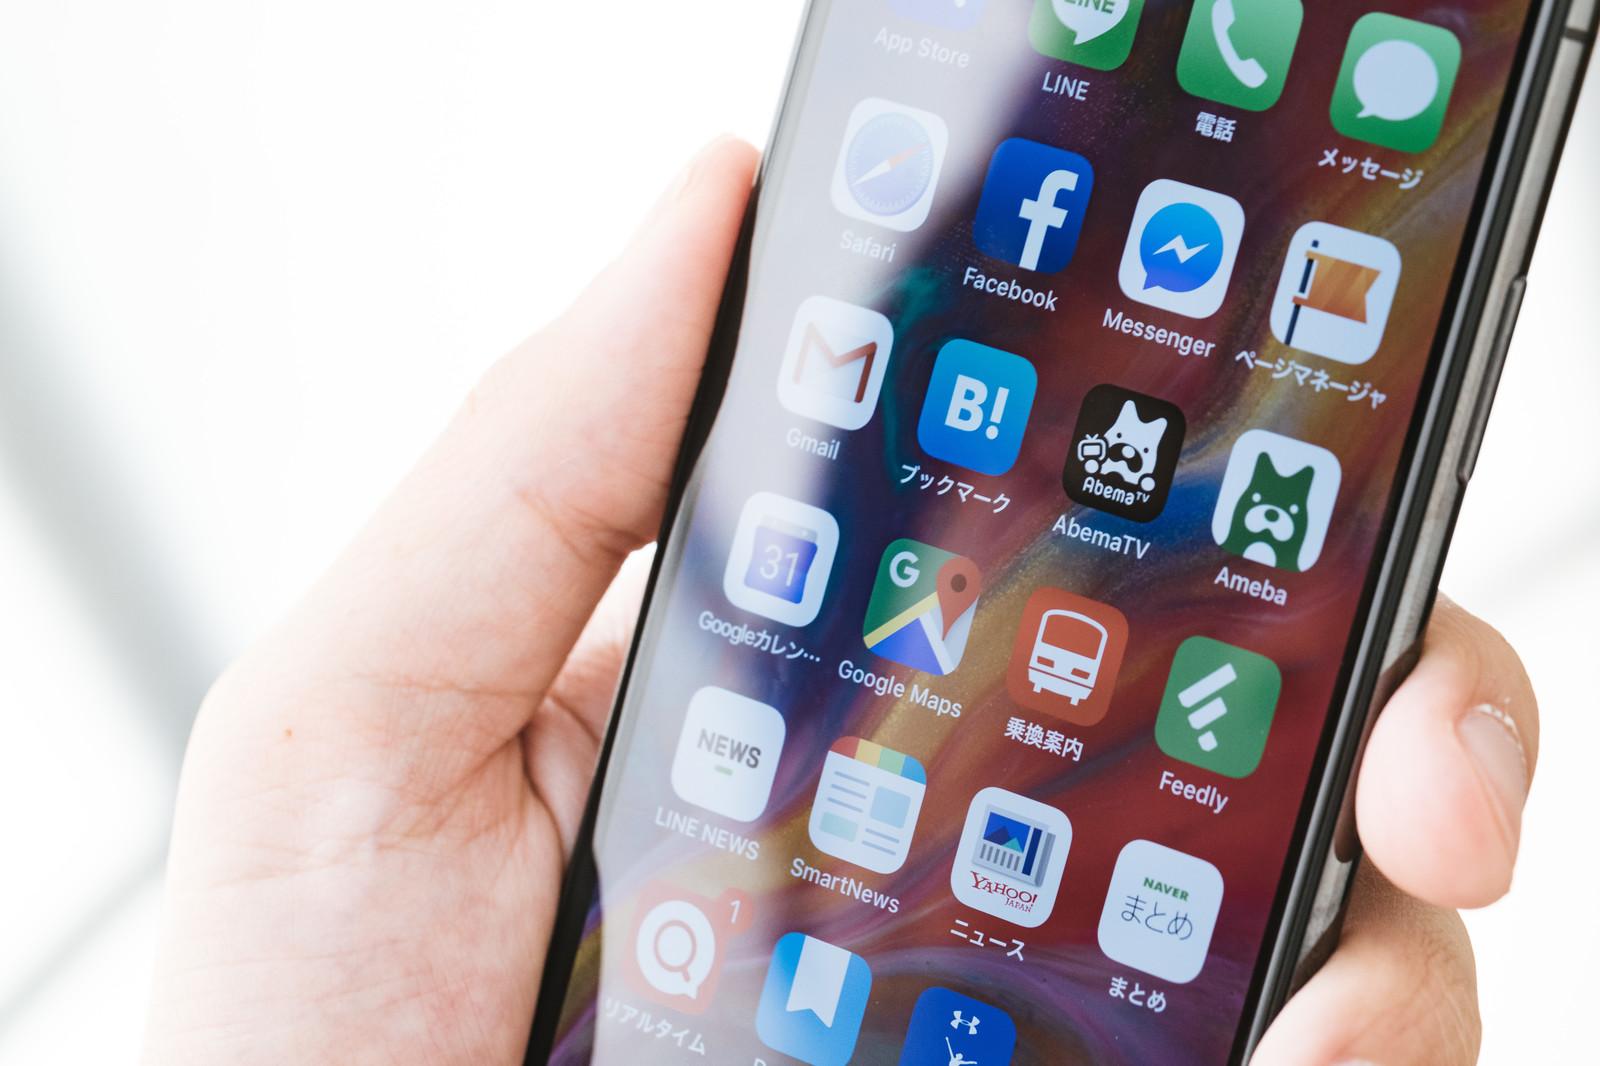 あなたの転売を手助けしてくれる便利なアプリ5選